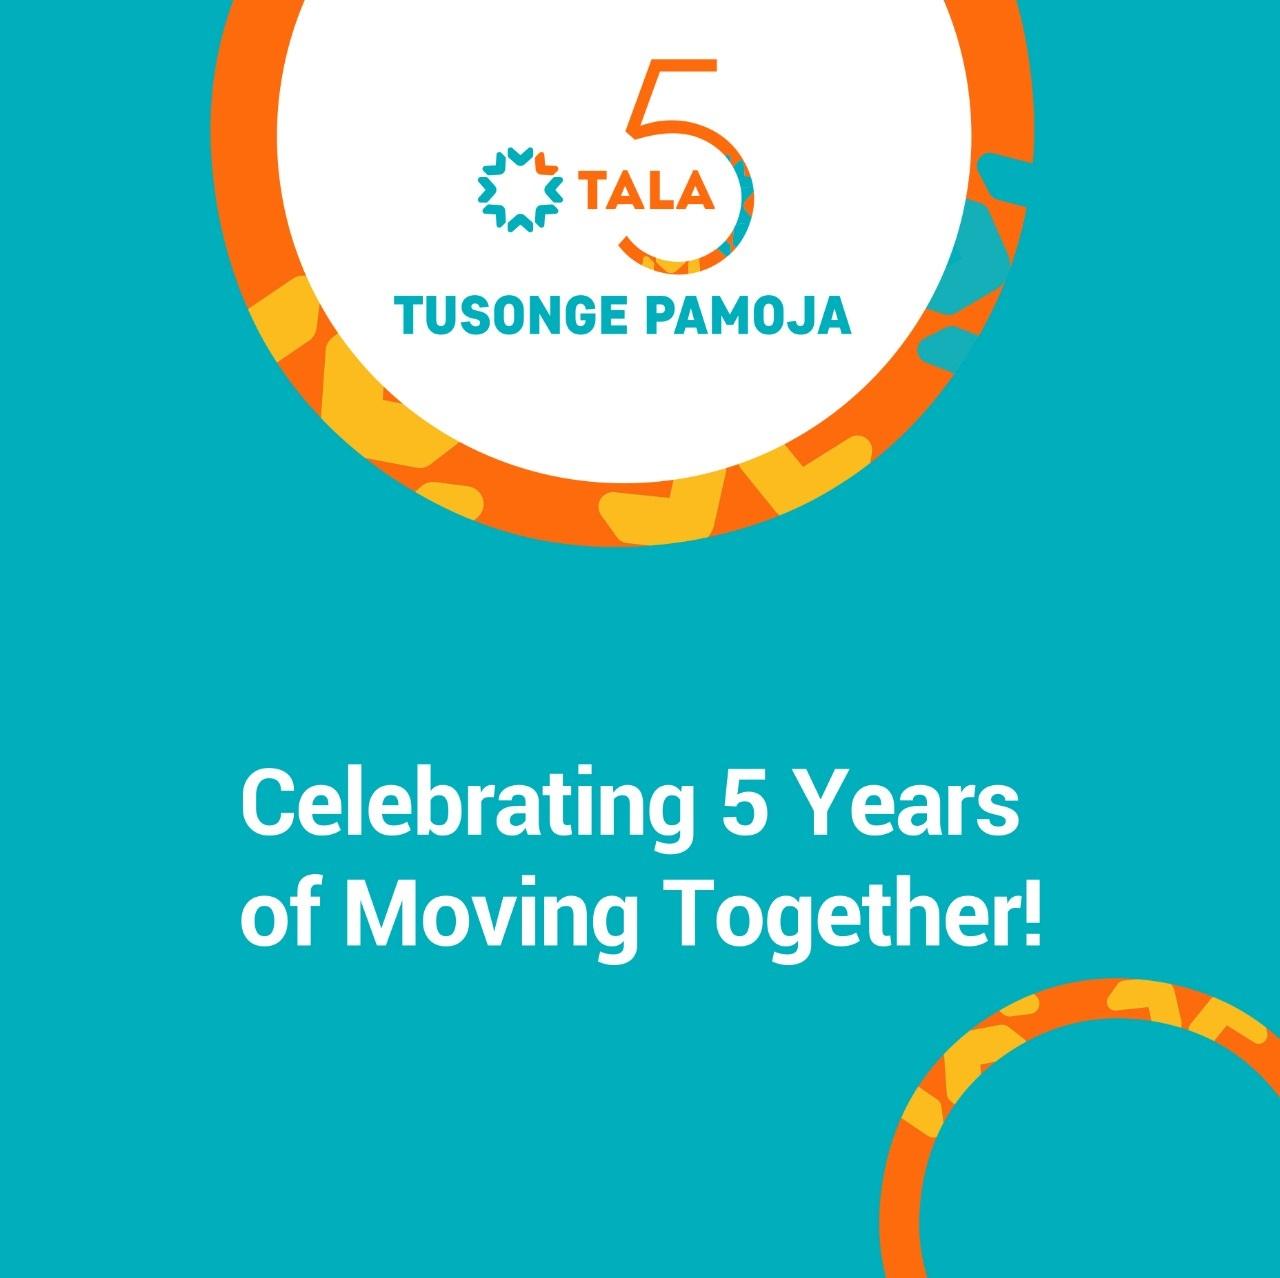 YDx Agency - Tala 5 Tugenge pamoja - Celebrating 5 Years